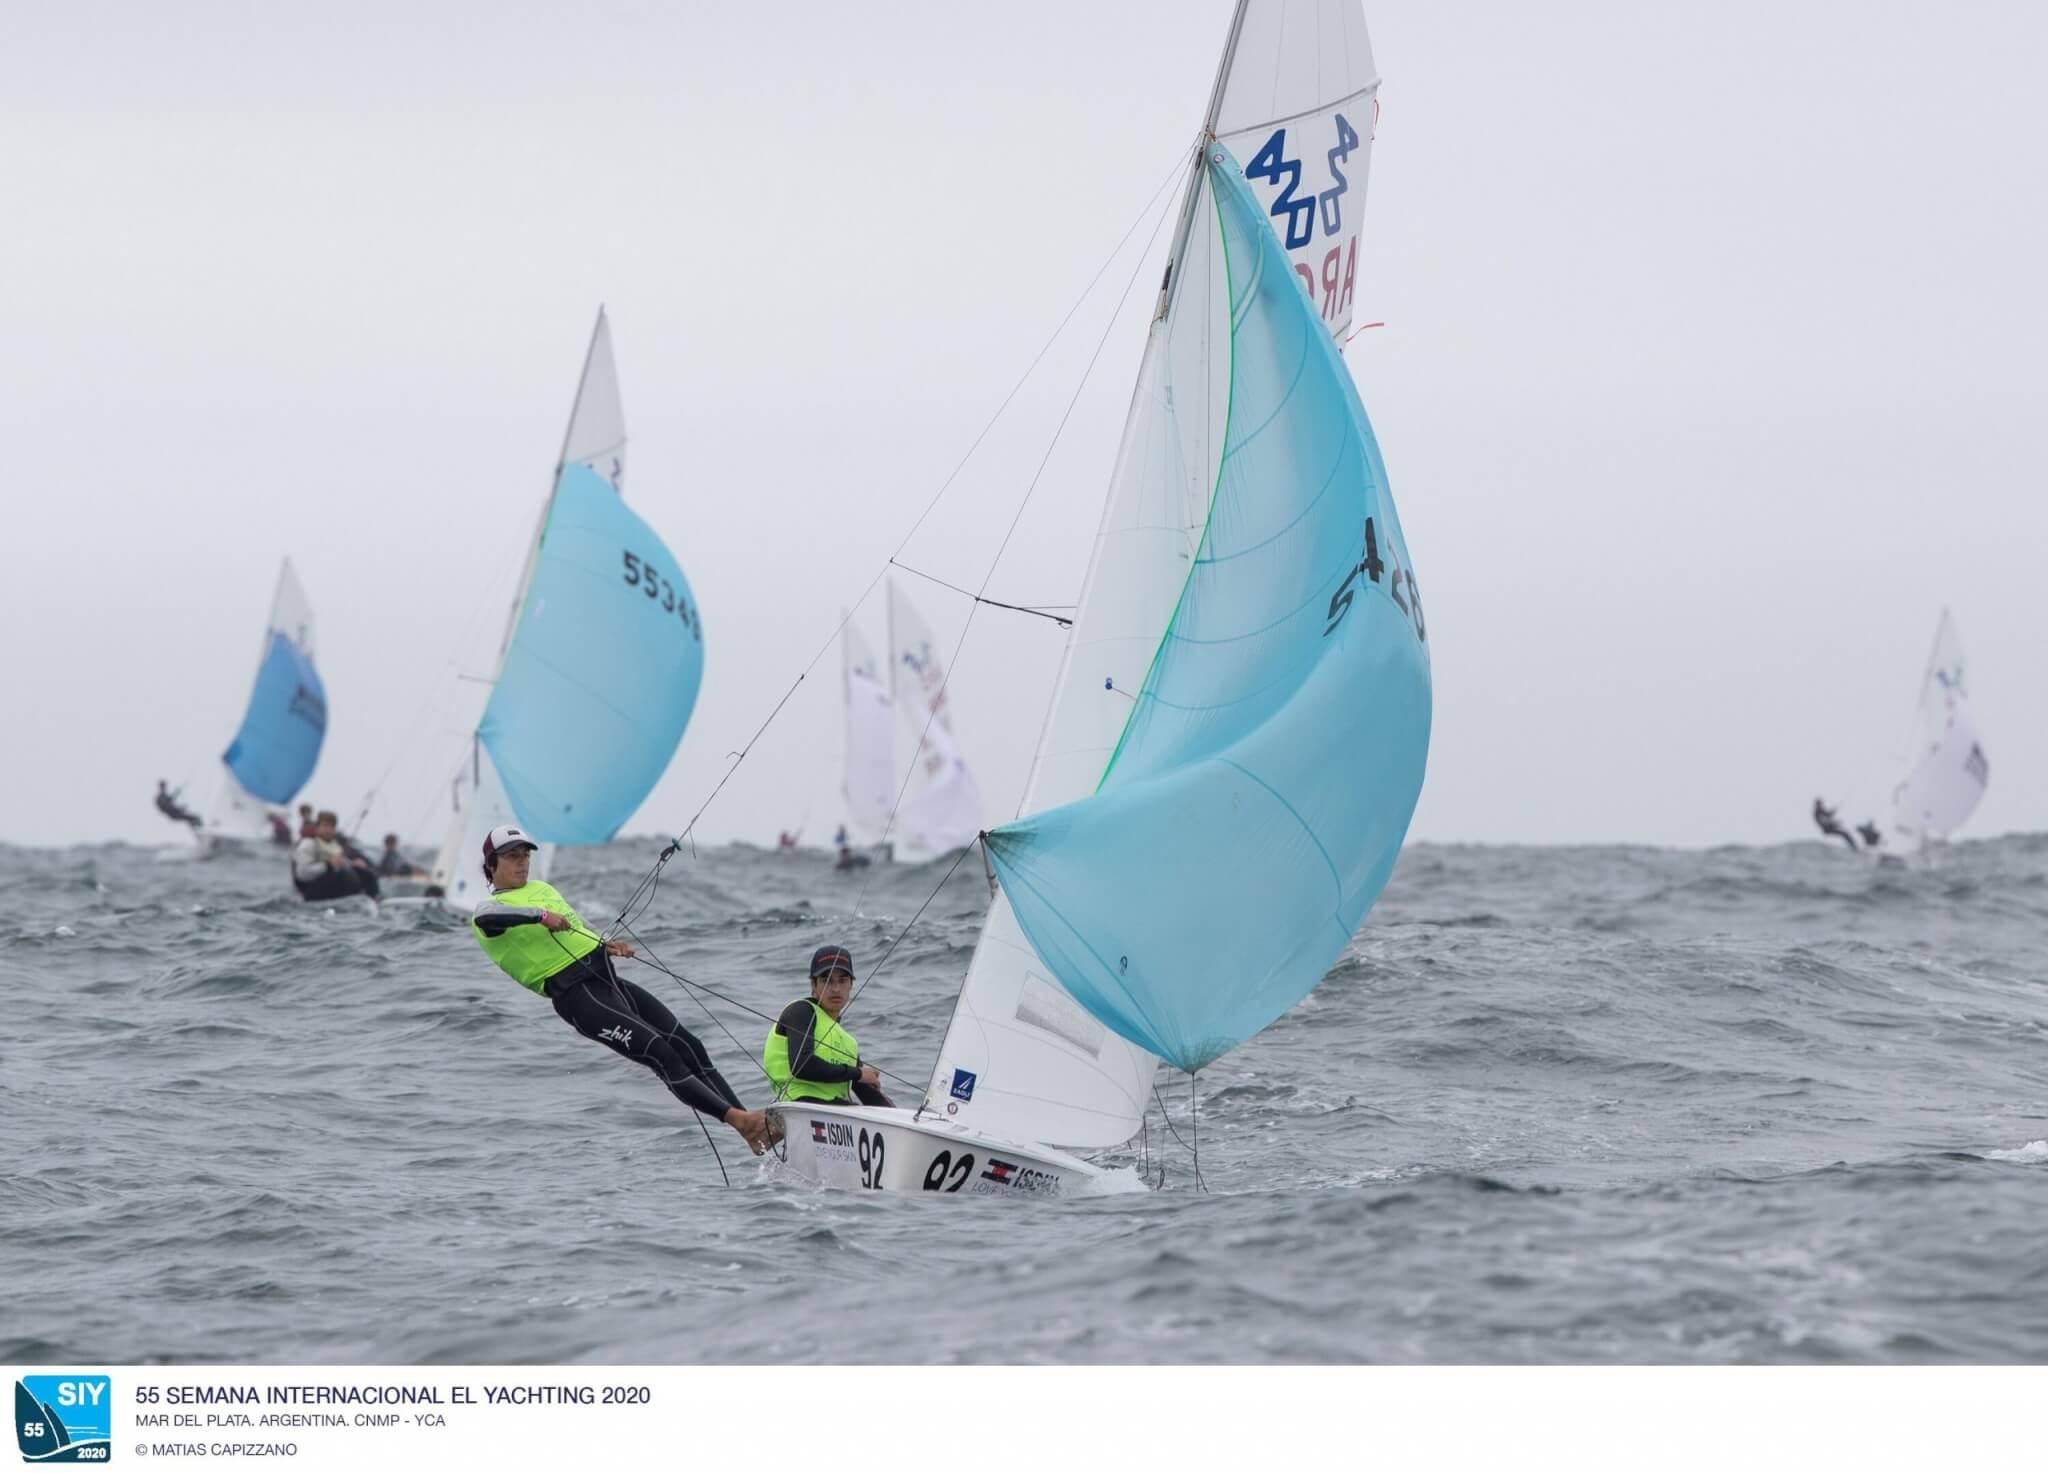 420 en la Semana Internacional de Yachting